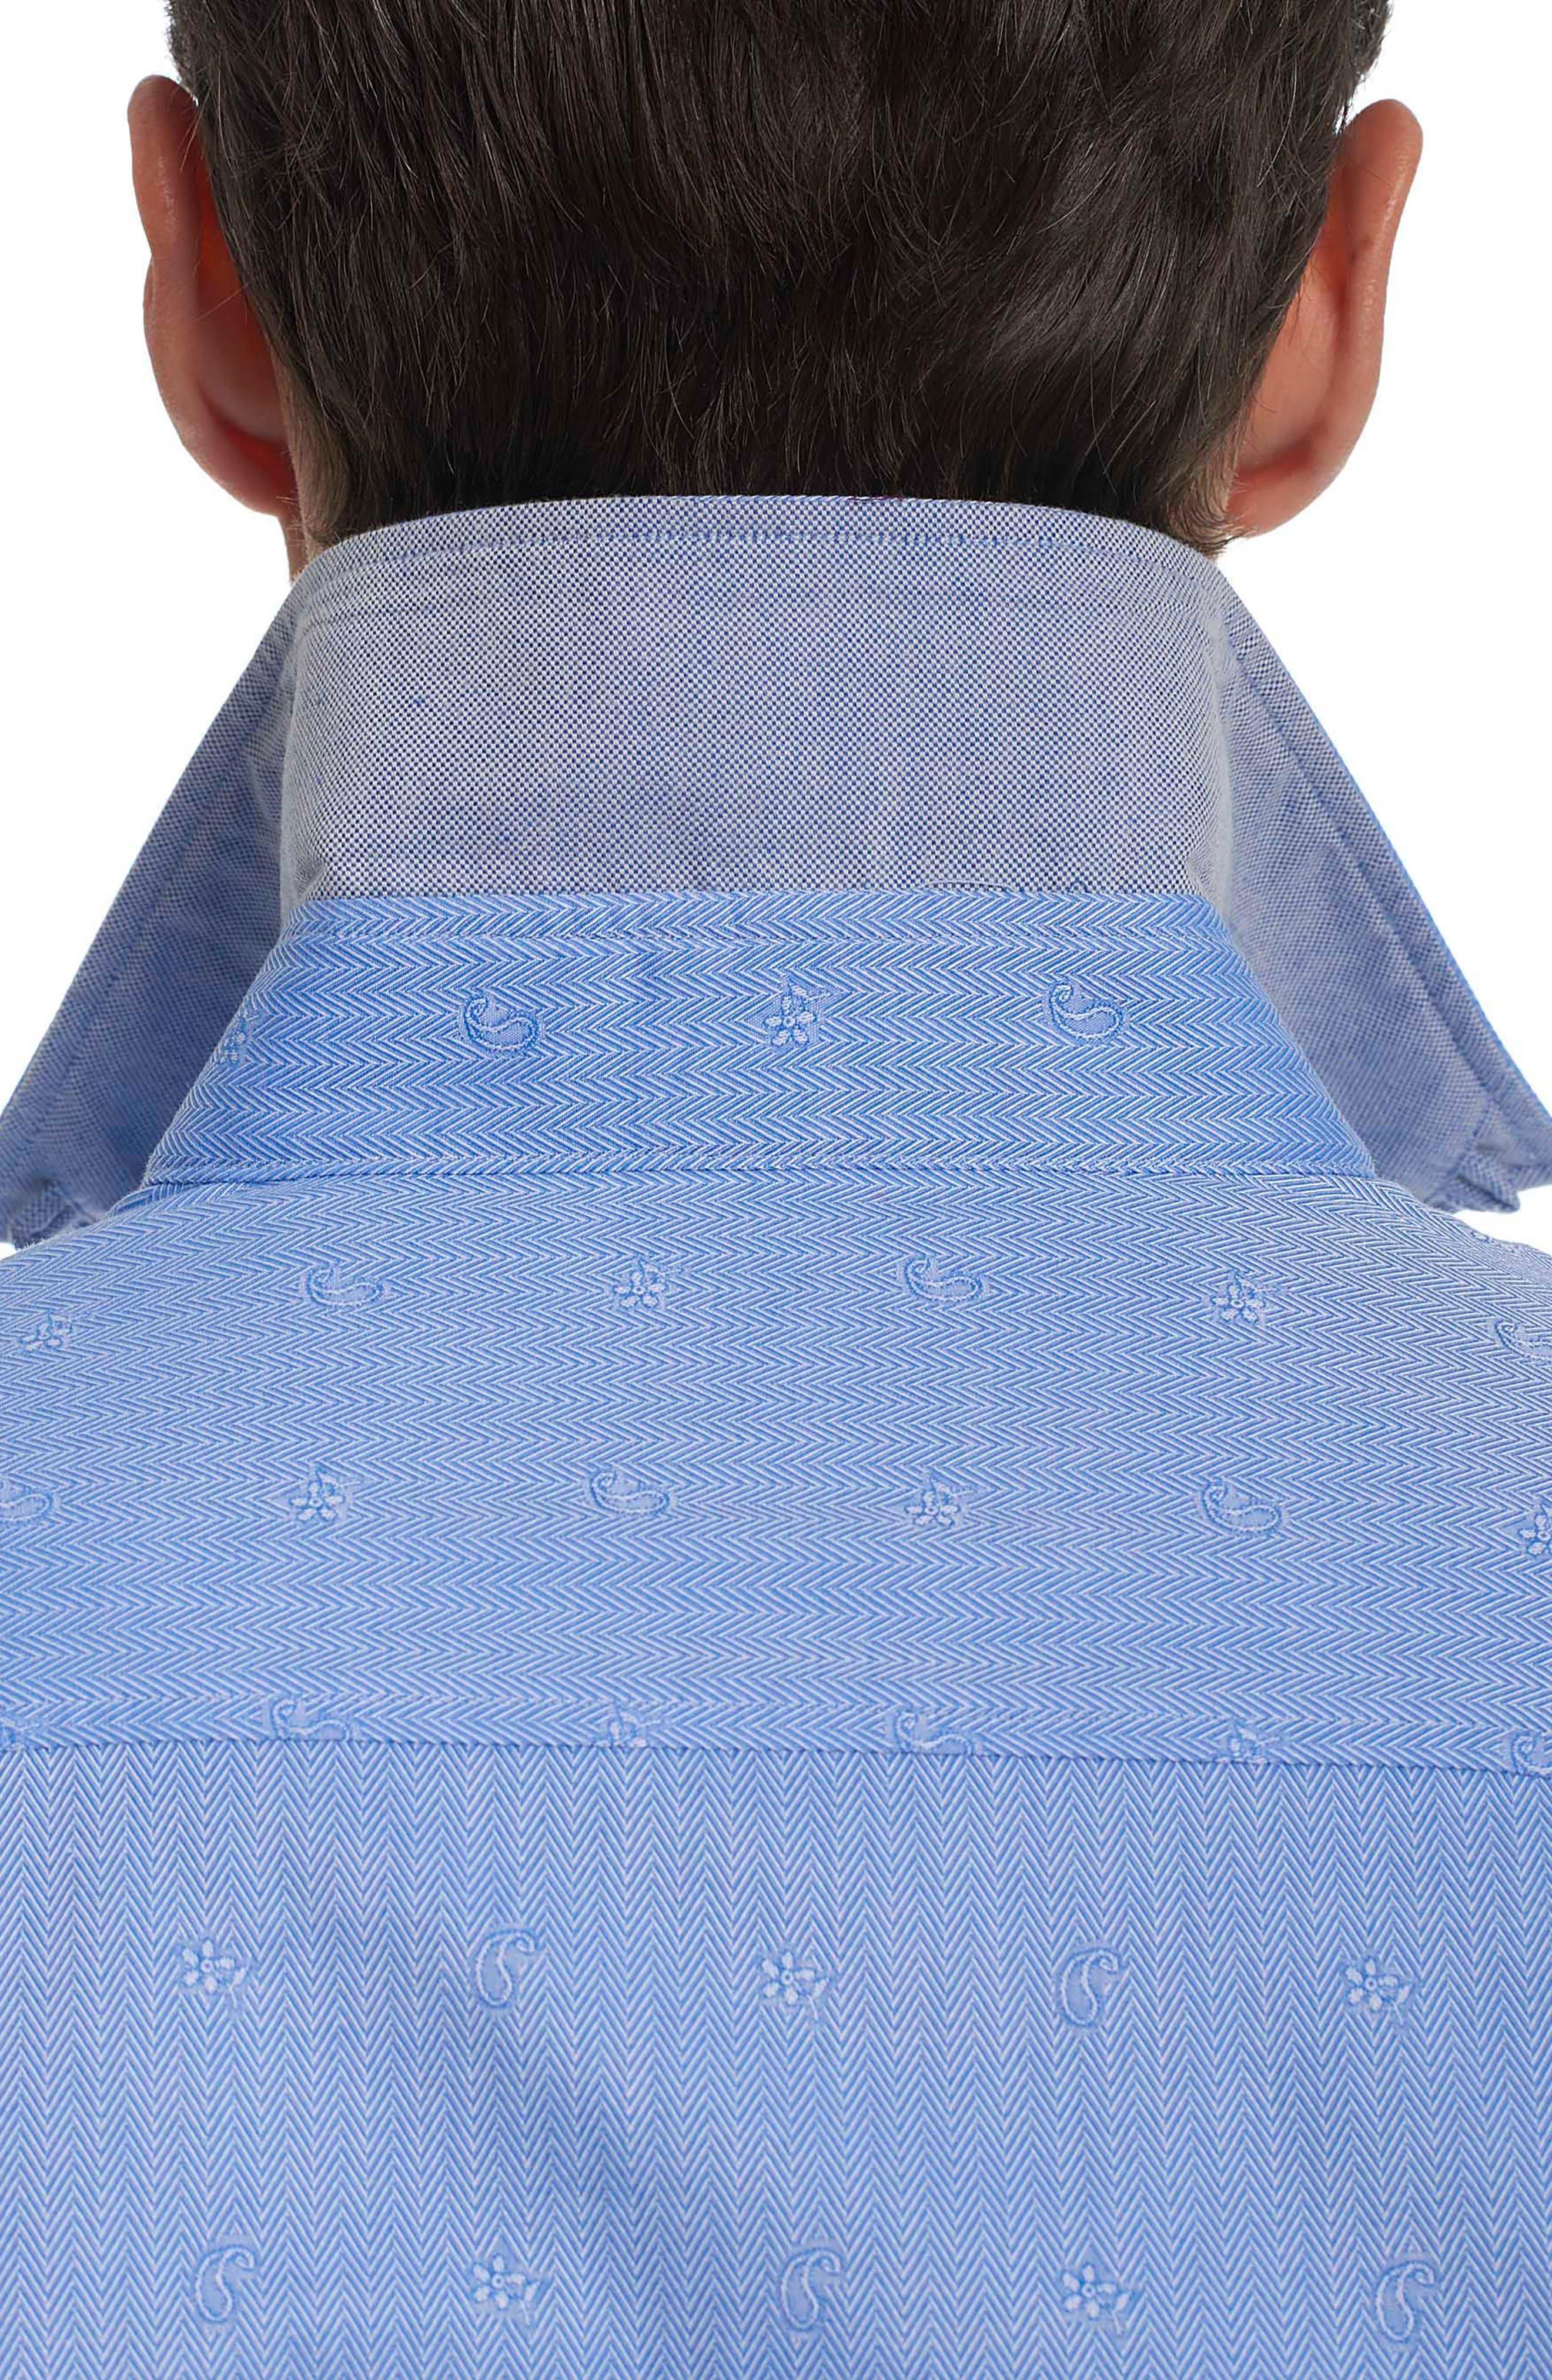 Taner Tailored Fit Dobby Herringbone Sport Shirt,                             Alternate thumbnail 3, color,                             Blue